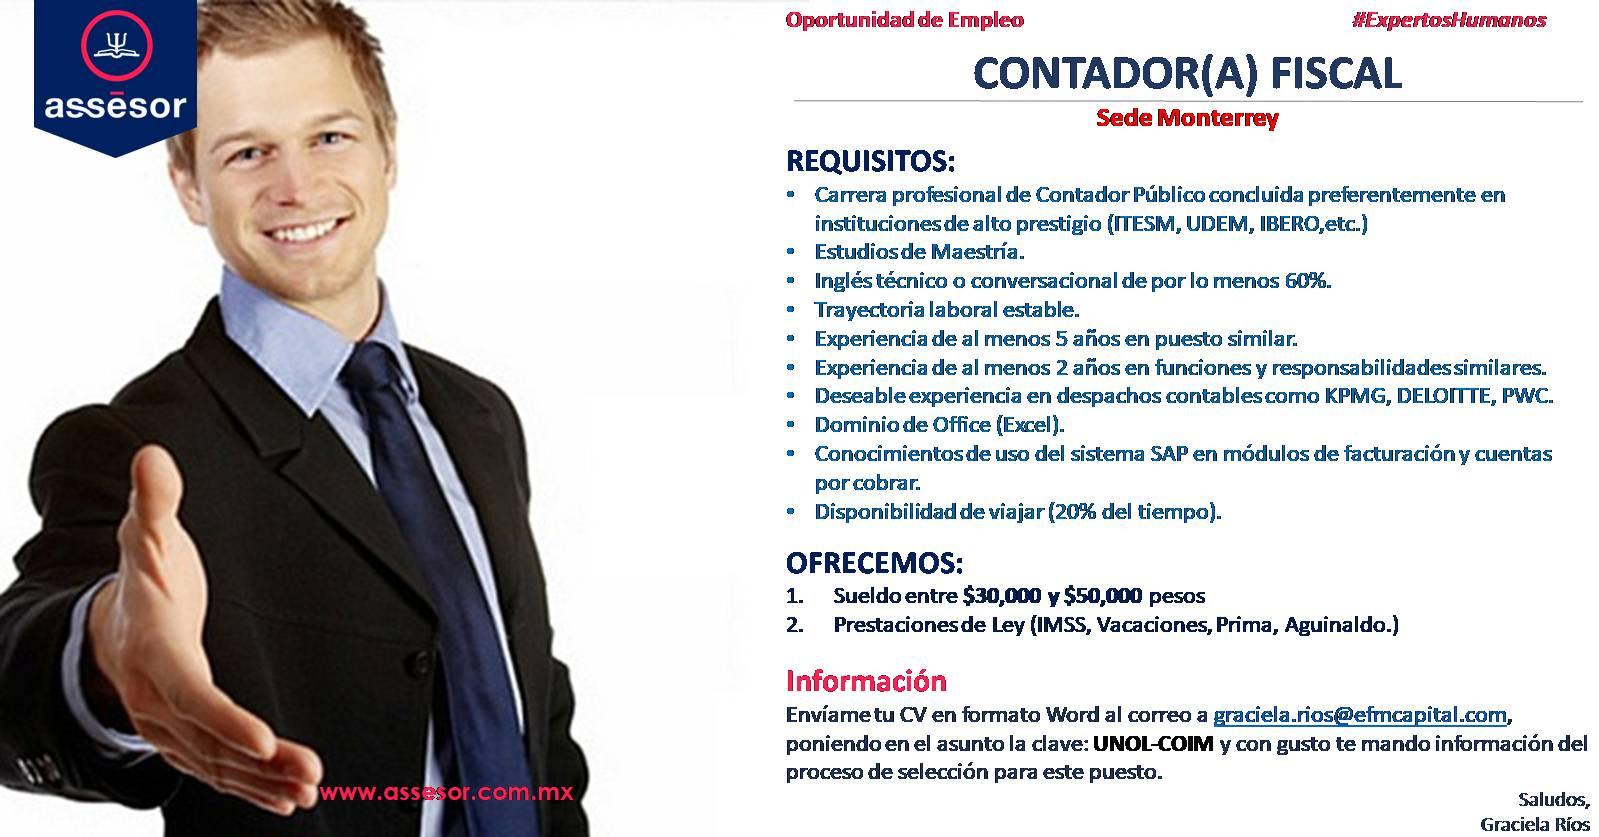 Contador Fiscal Sede Monterrey.jpg